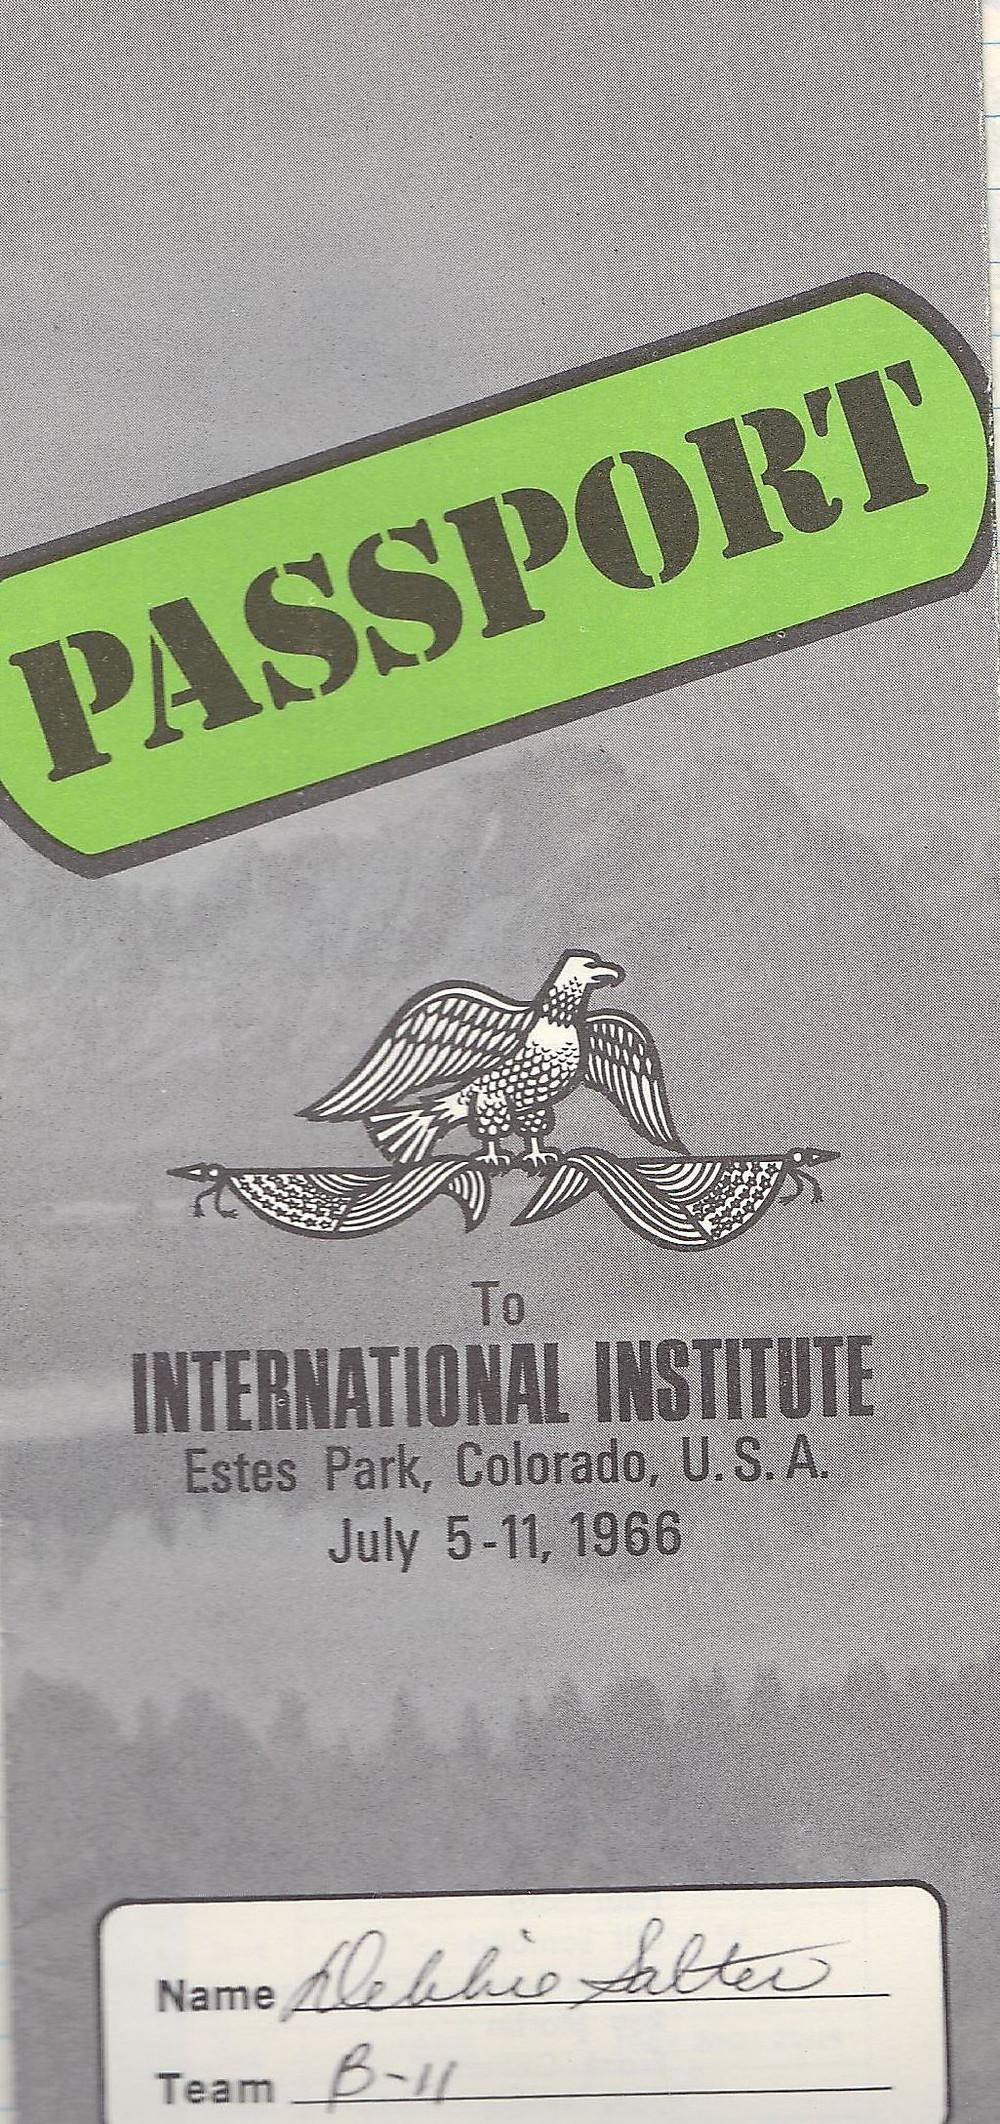 II passport 66.jpg